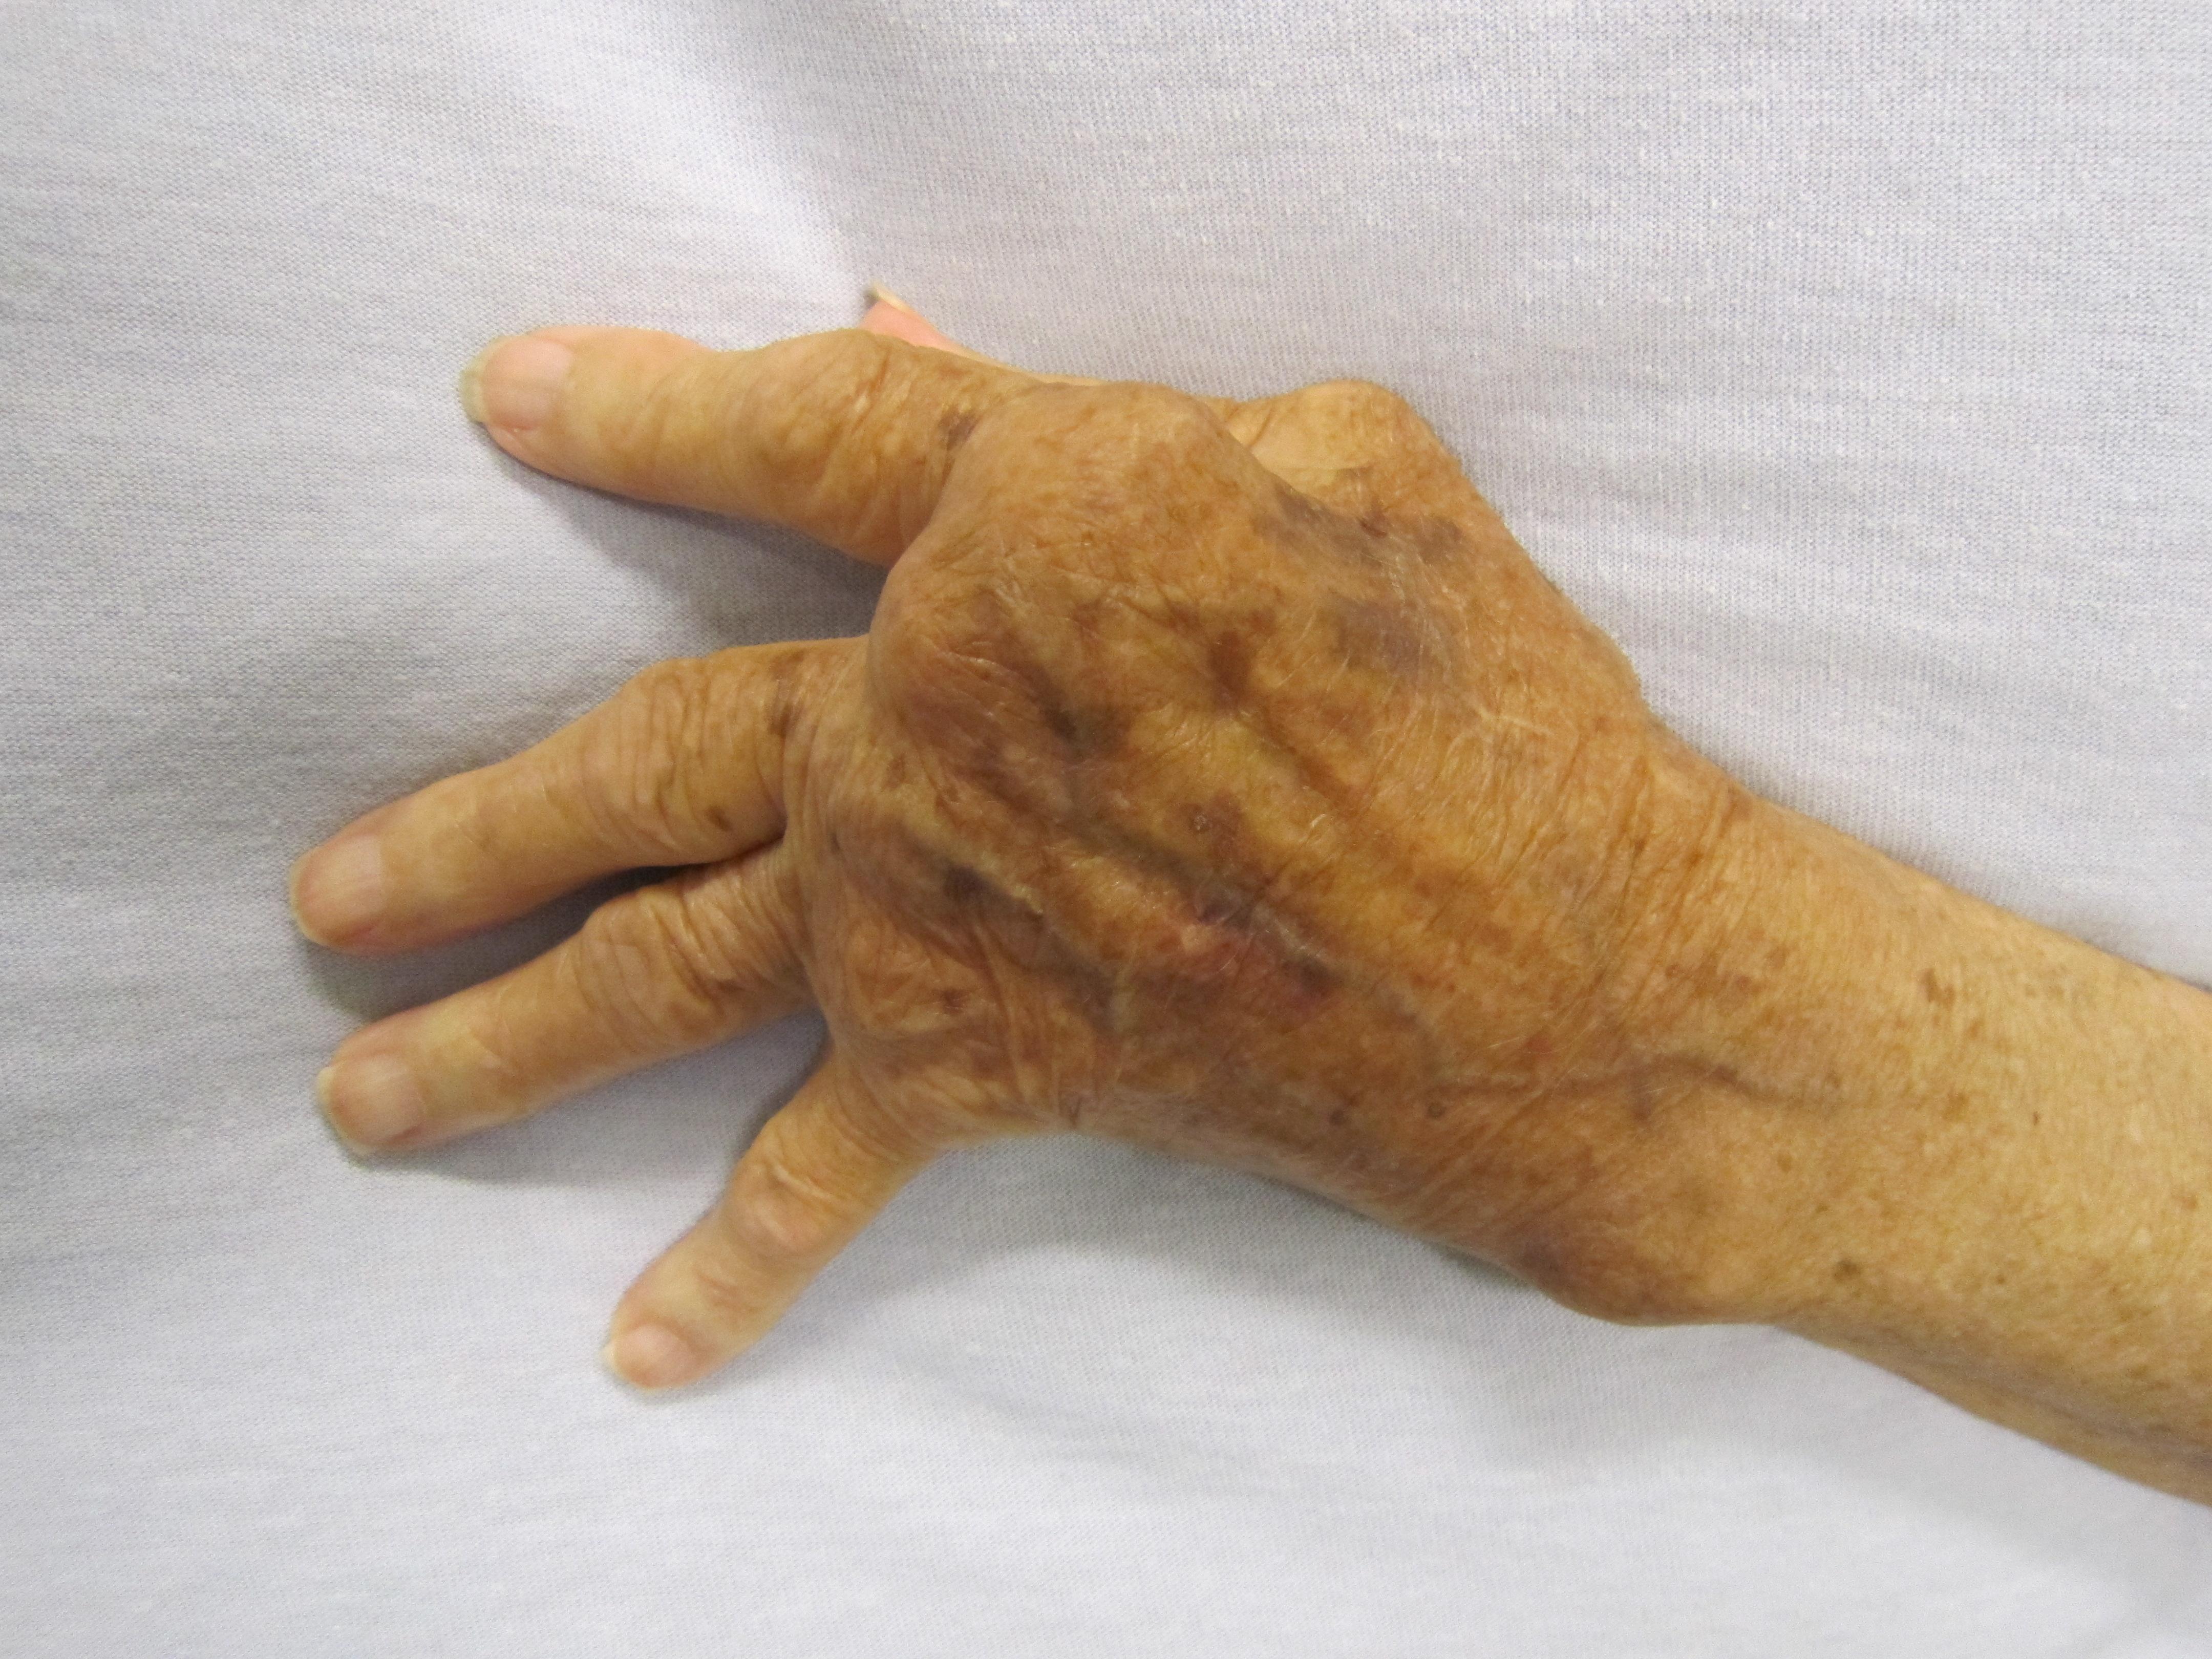 hogy néznek ki az ízületek a rheumatoid arthritisben gyömbér izületi gyulladásra